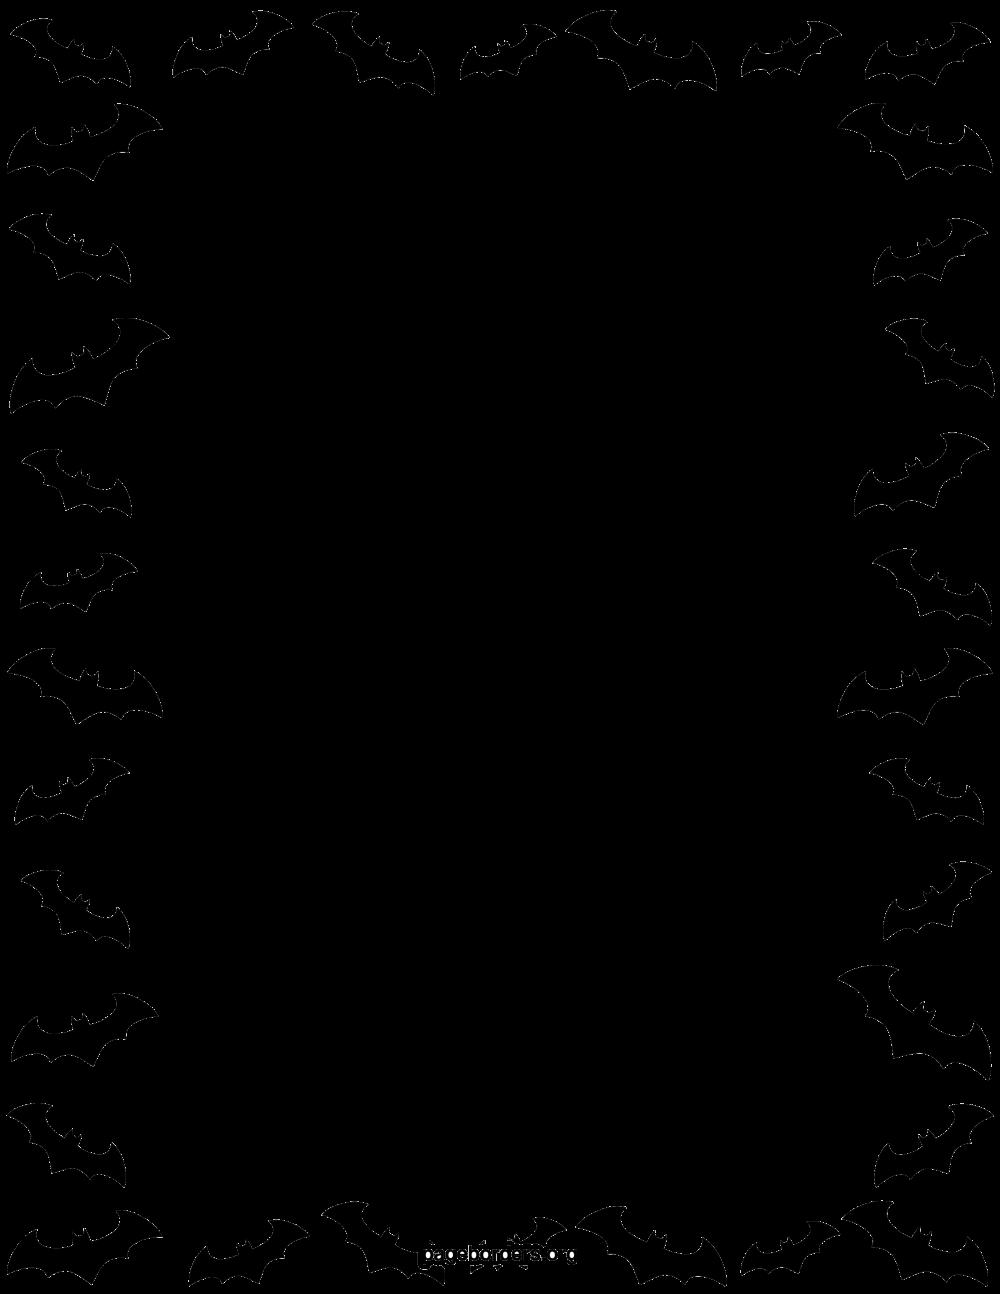 Download Halloween Border Transparent Background For Designing Work.